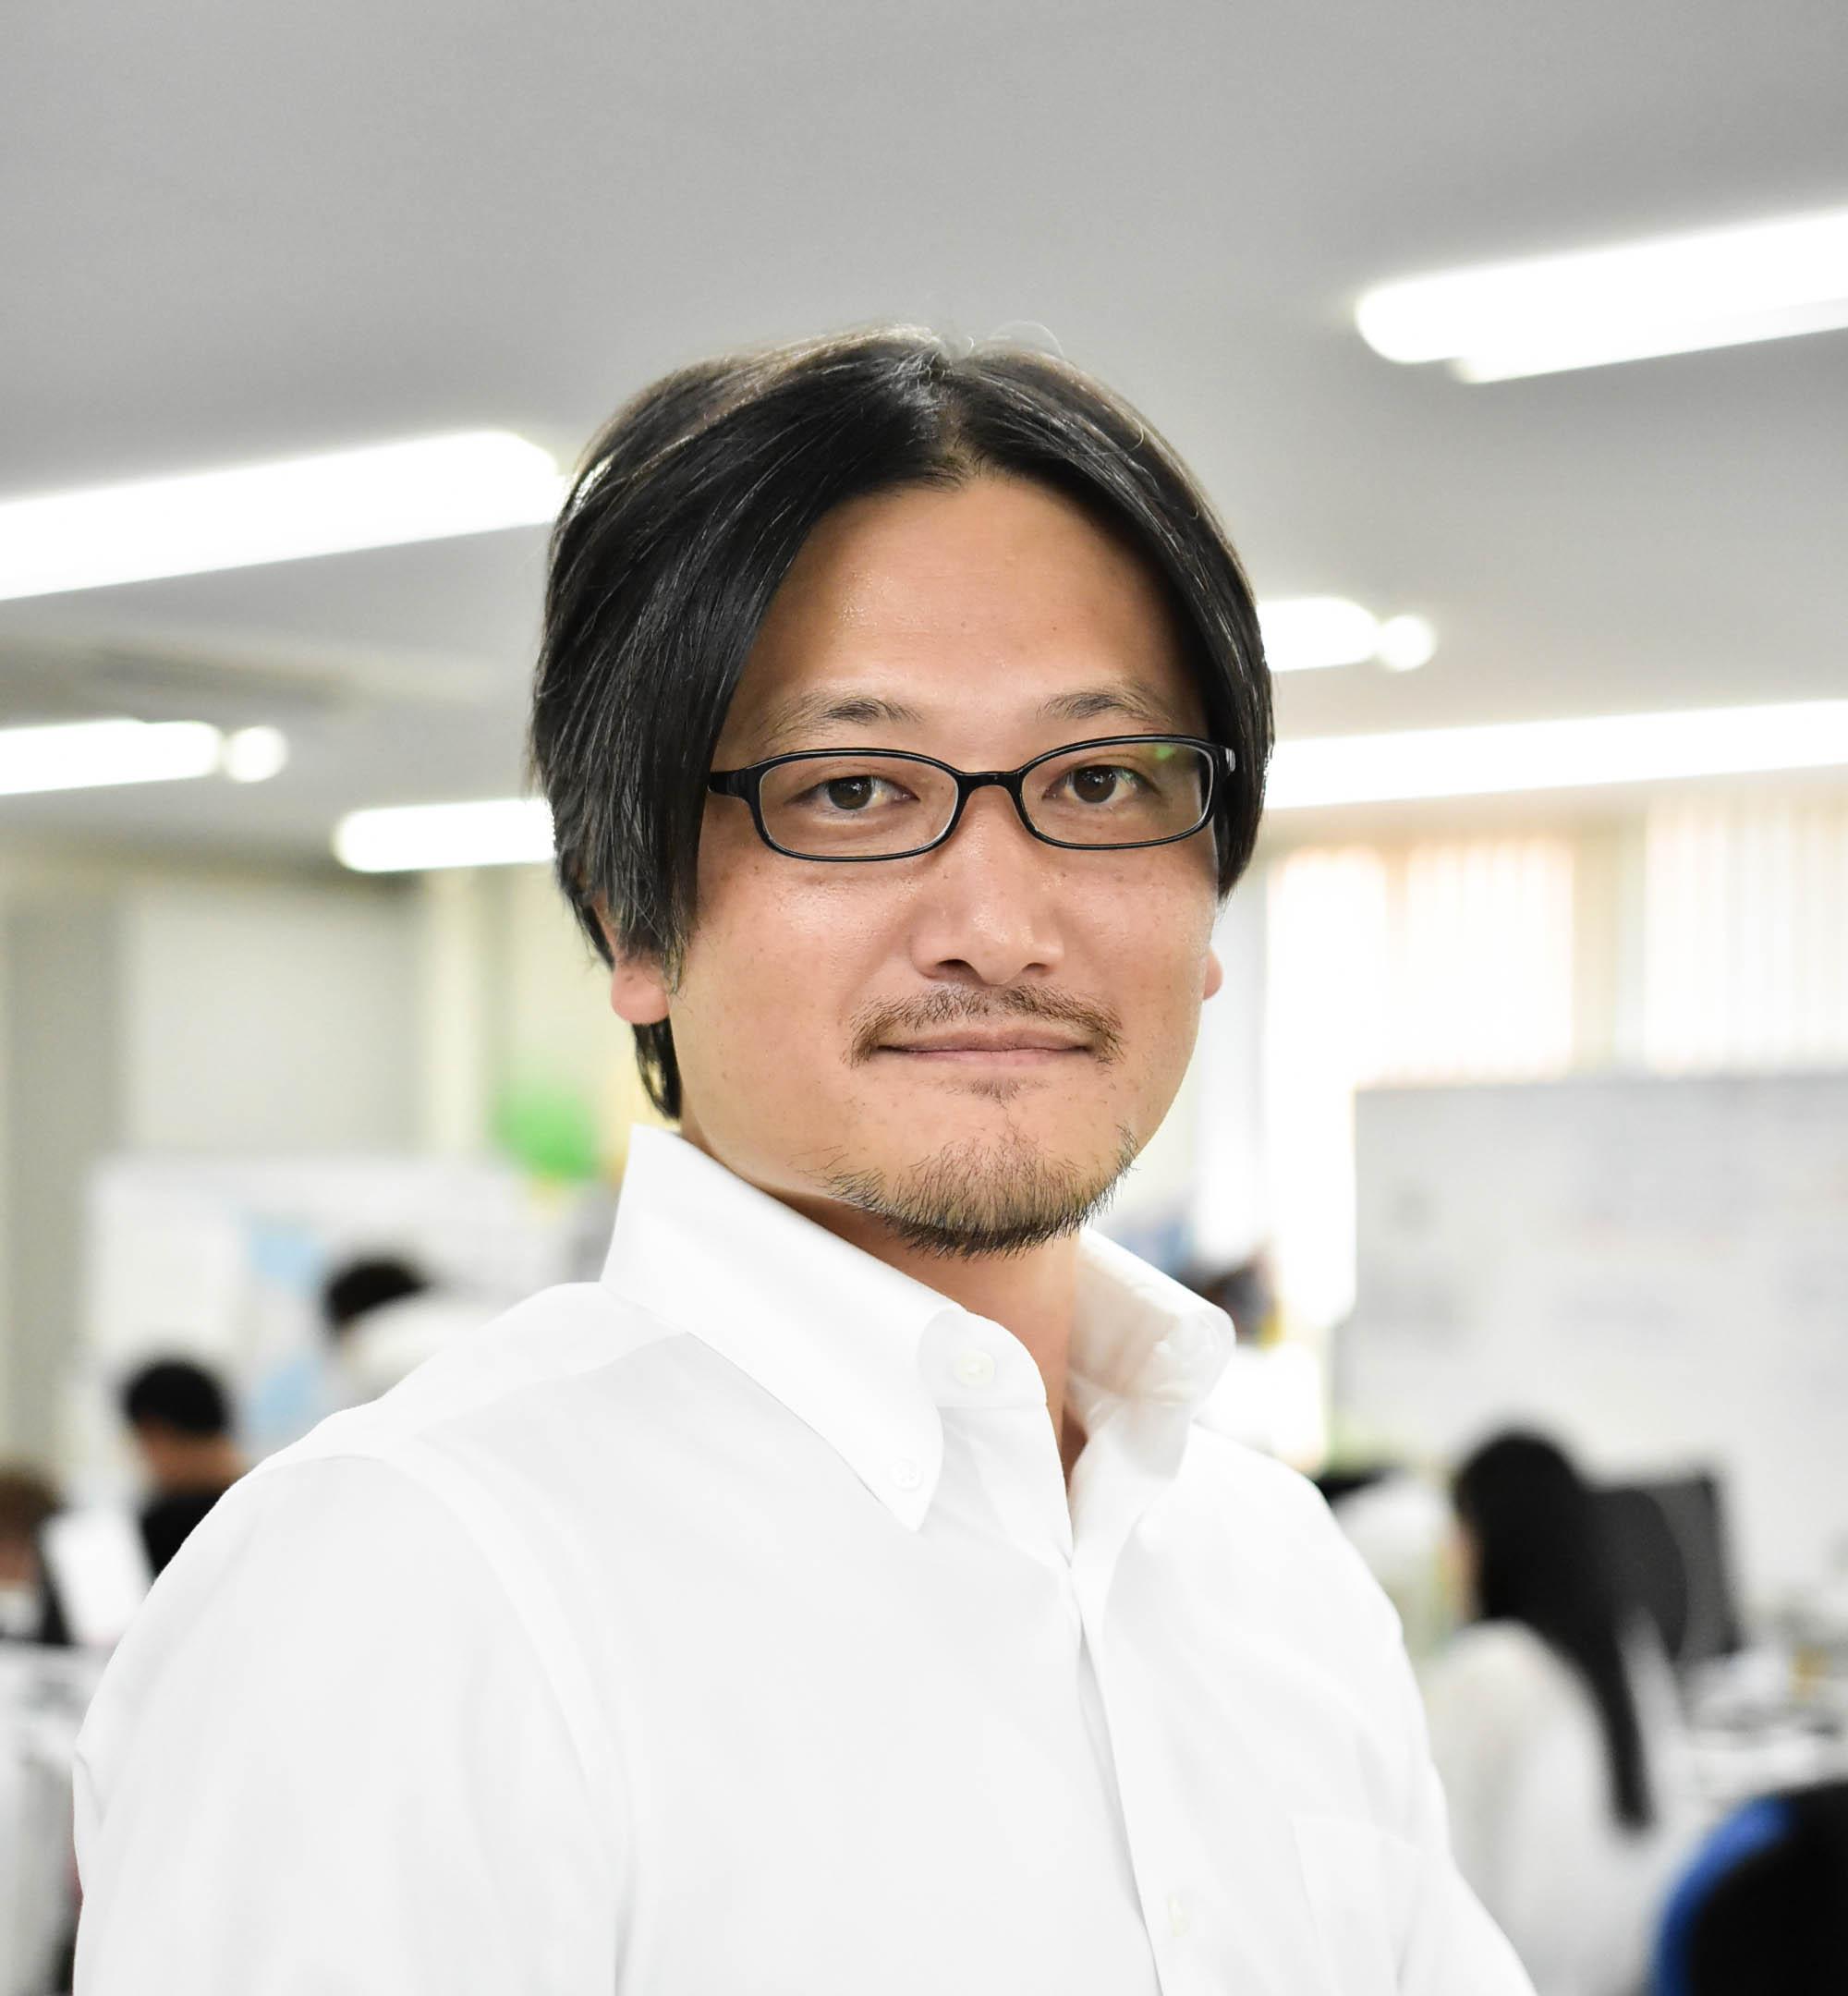 経営陣紹介